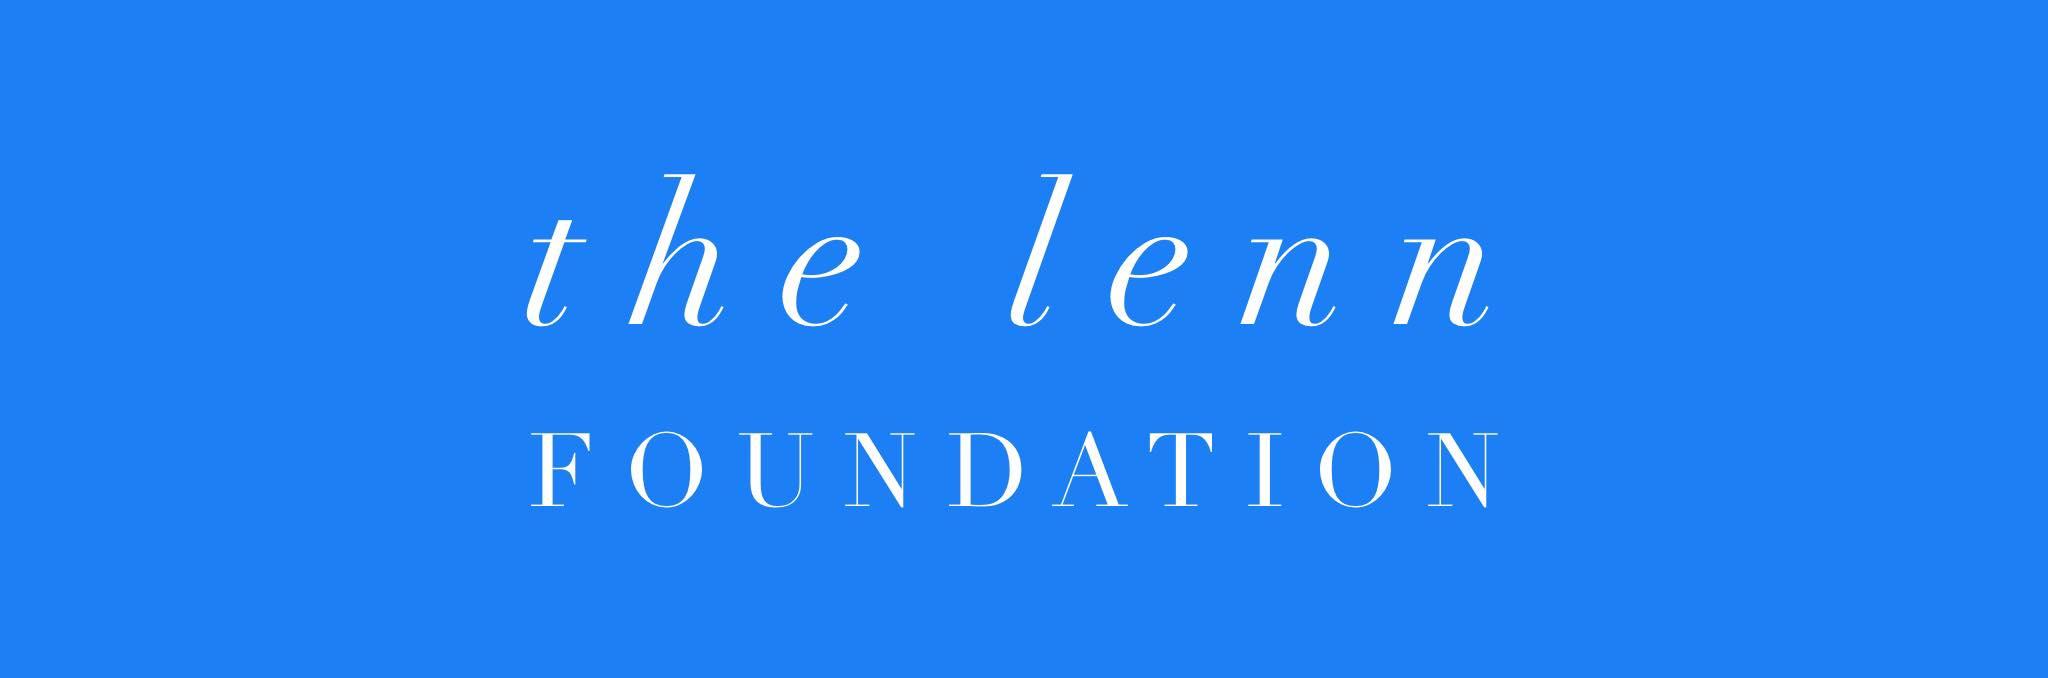 THE LENN FOUNDATION